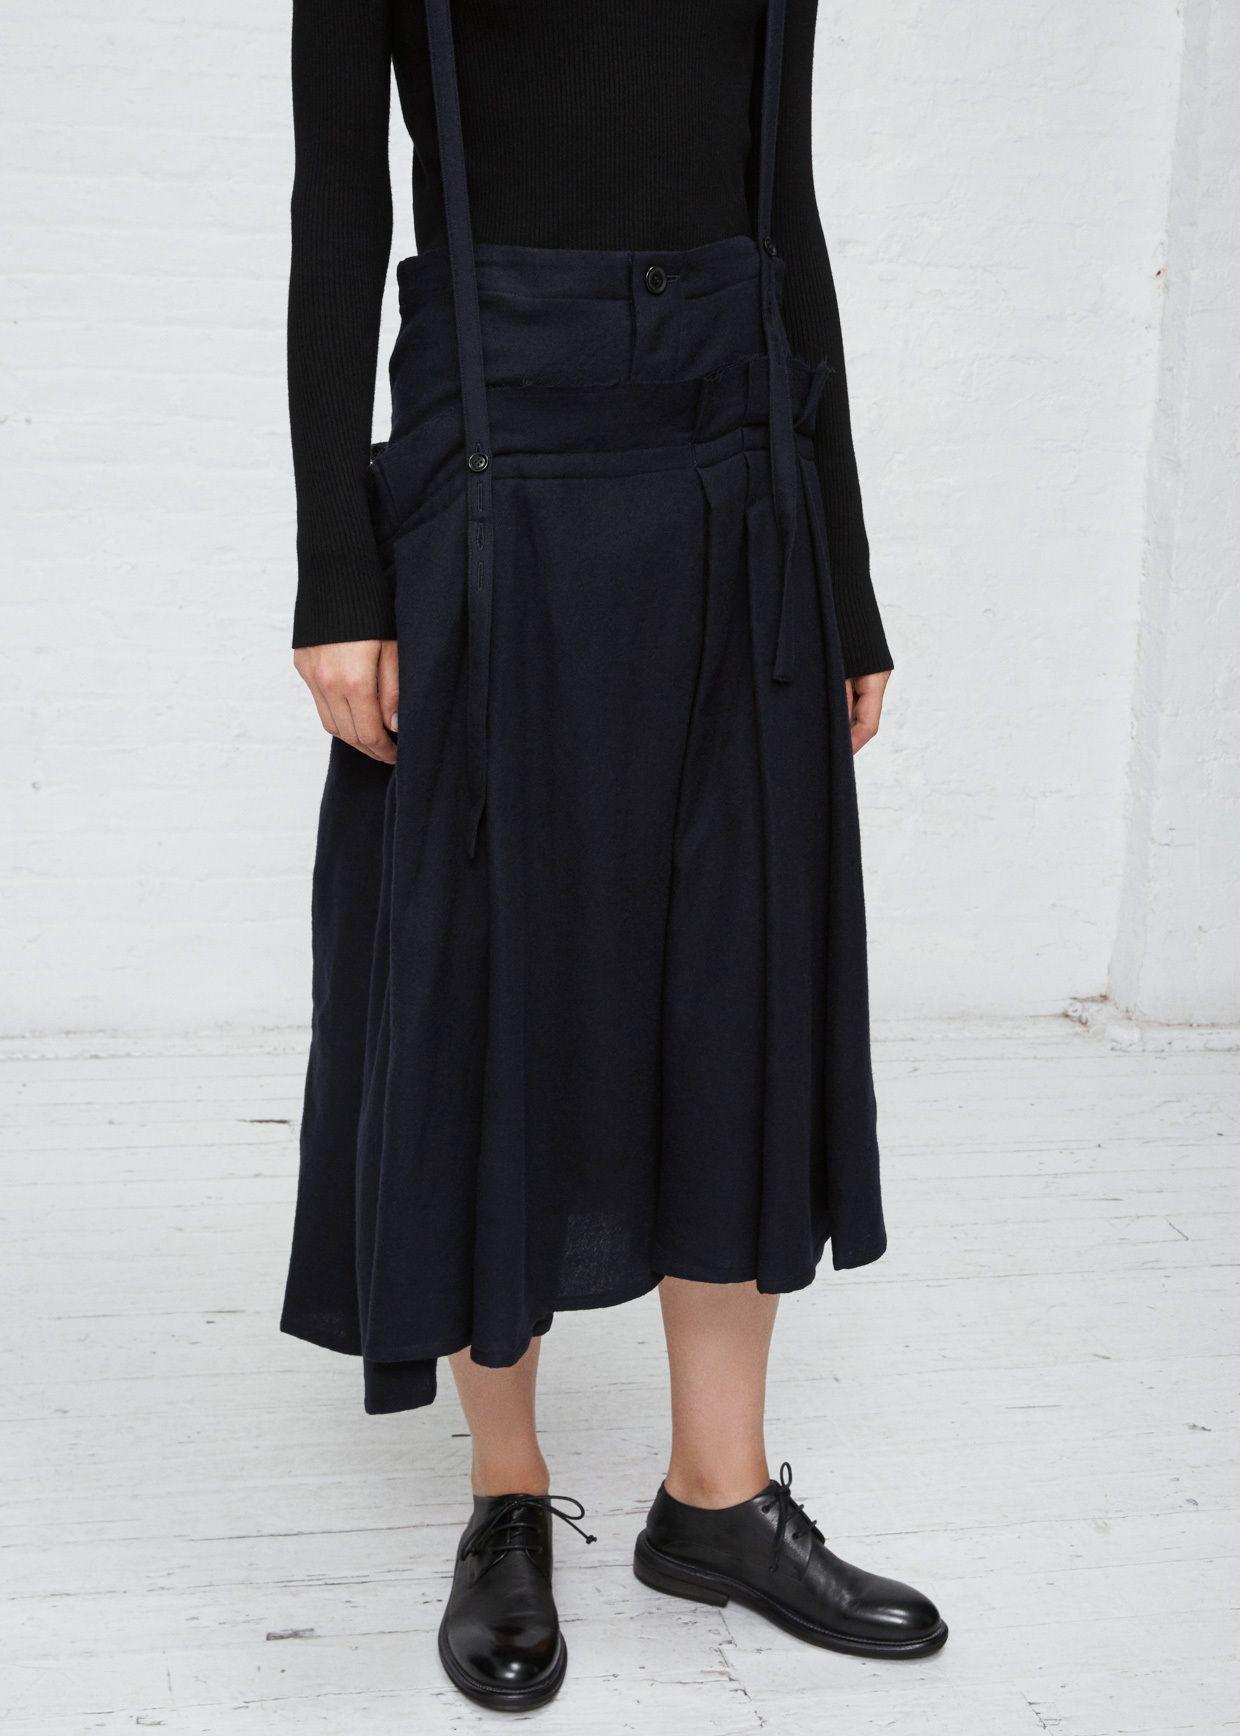 7bcfa03e7 Totokaelo - Y s by Yohji Yamamoto Navy Soft Pleats Suspender Skirt ...